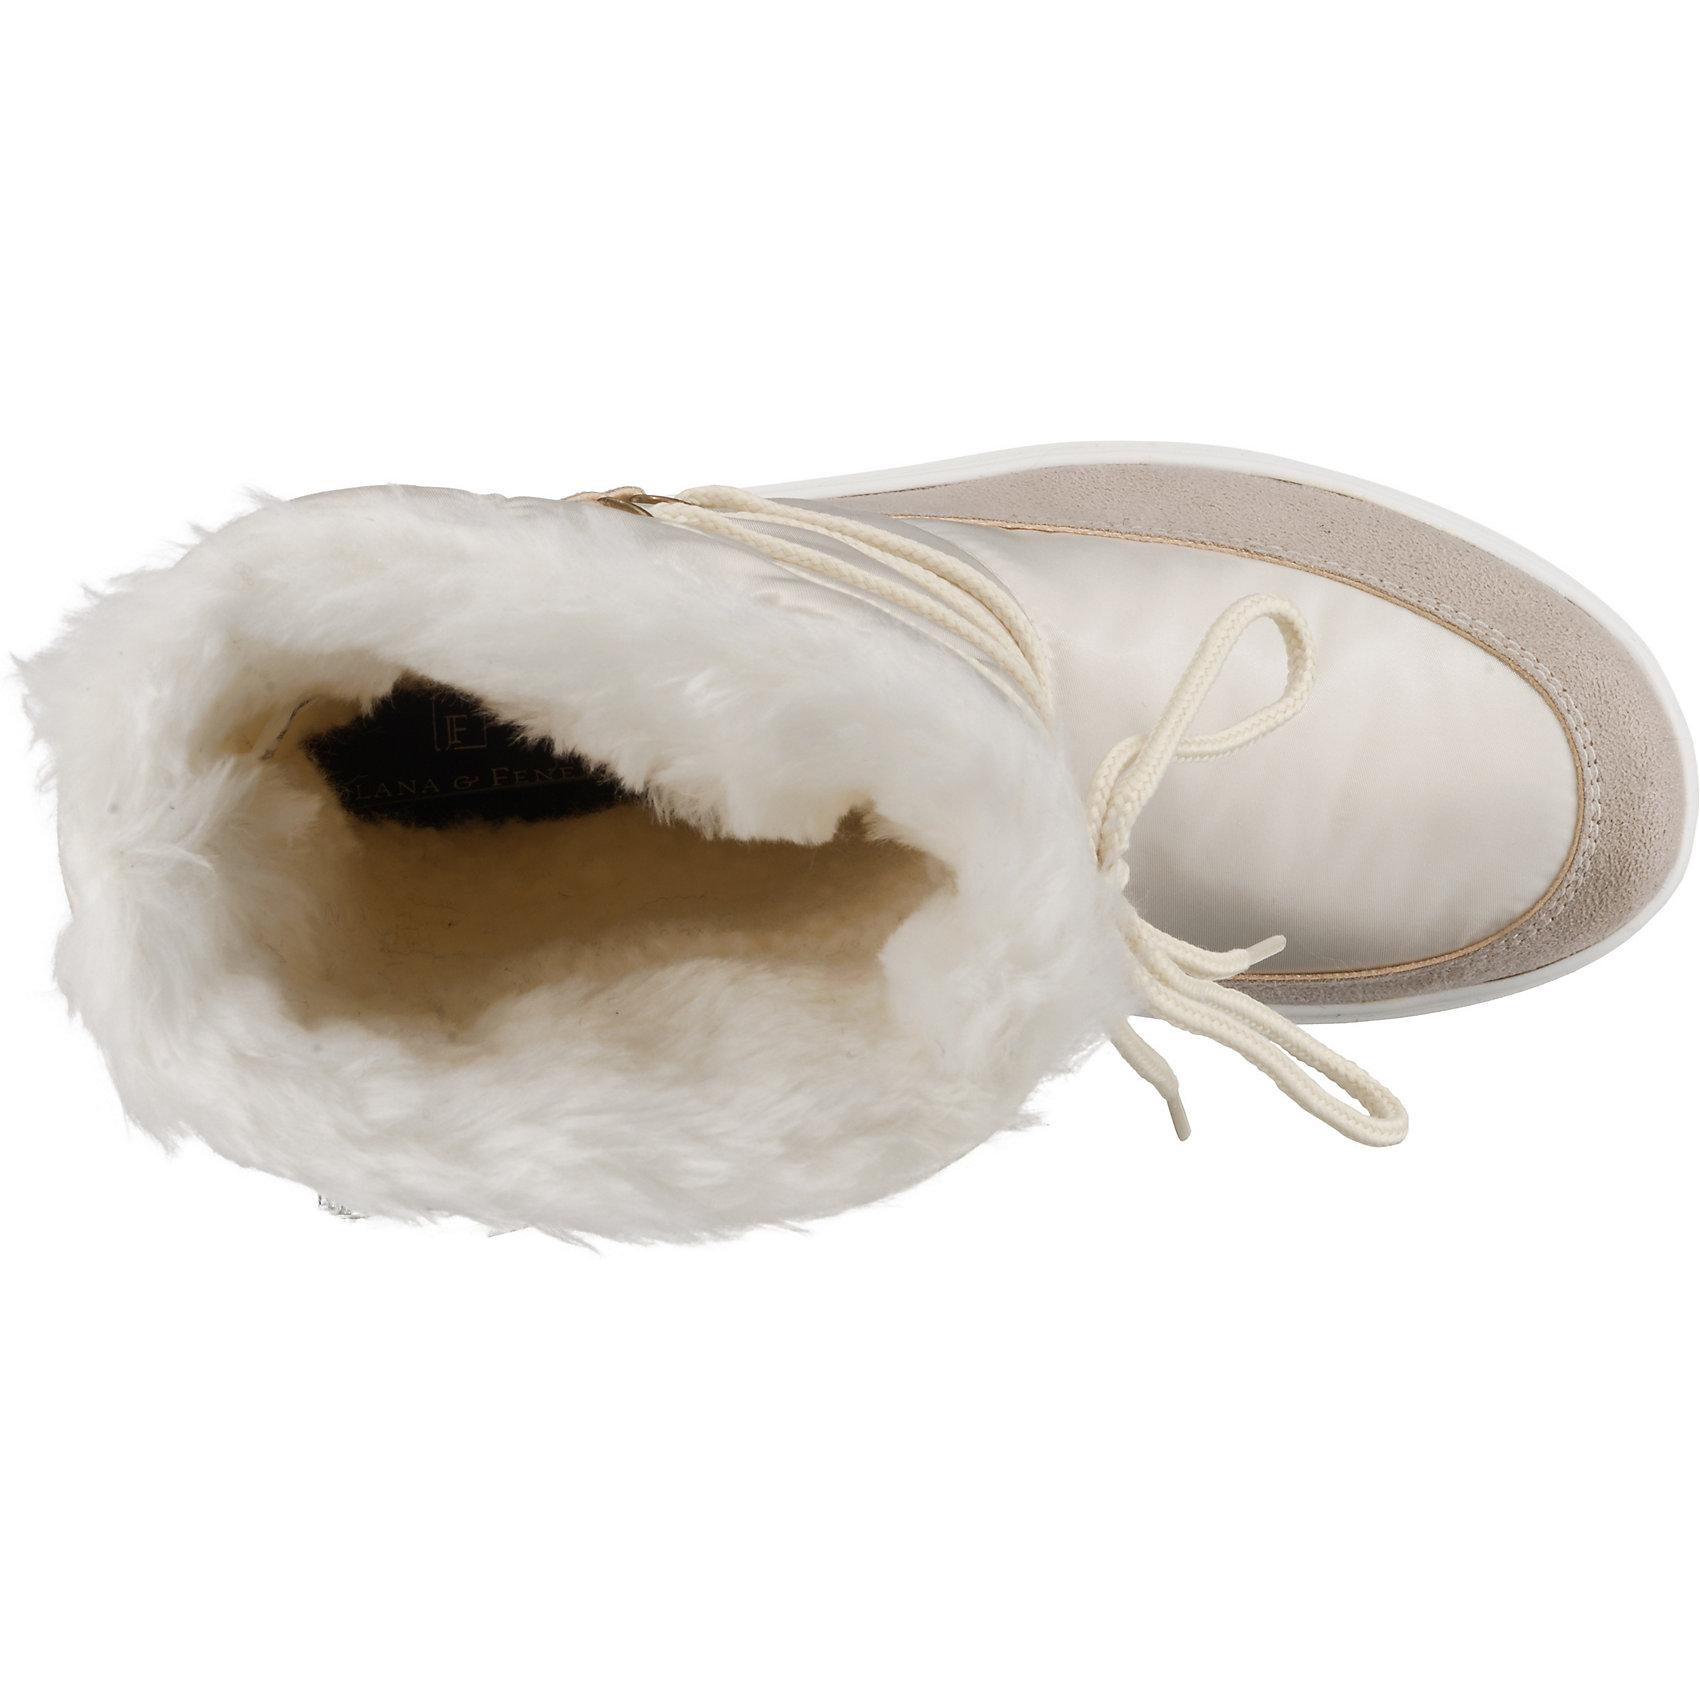 Neu JOLANA & FENENA Klassische Stiefel 8674669 für für für Damen schwarz weiß 88b2b1